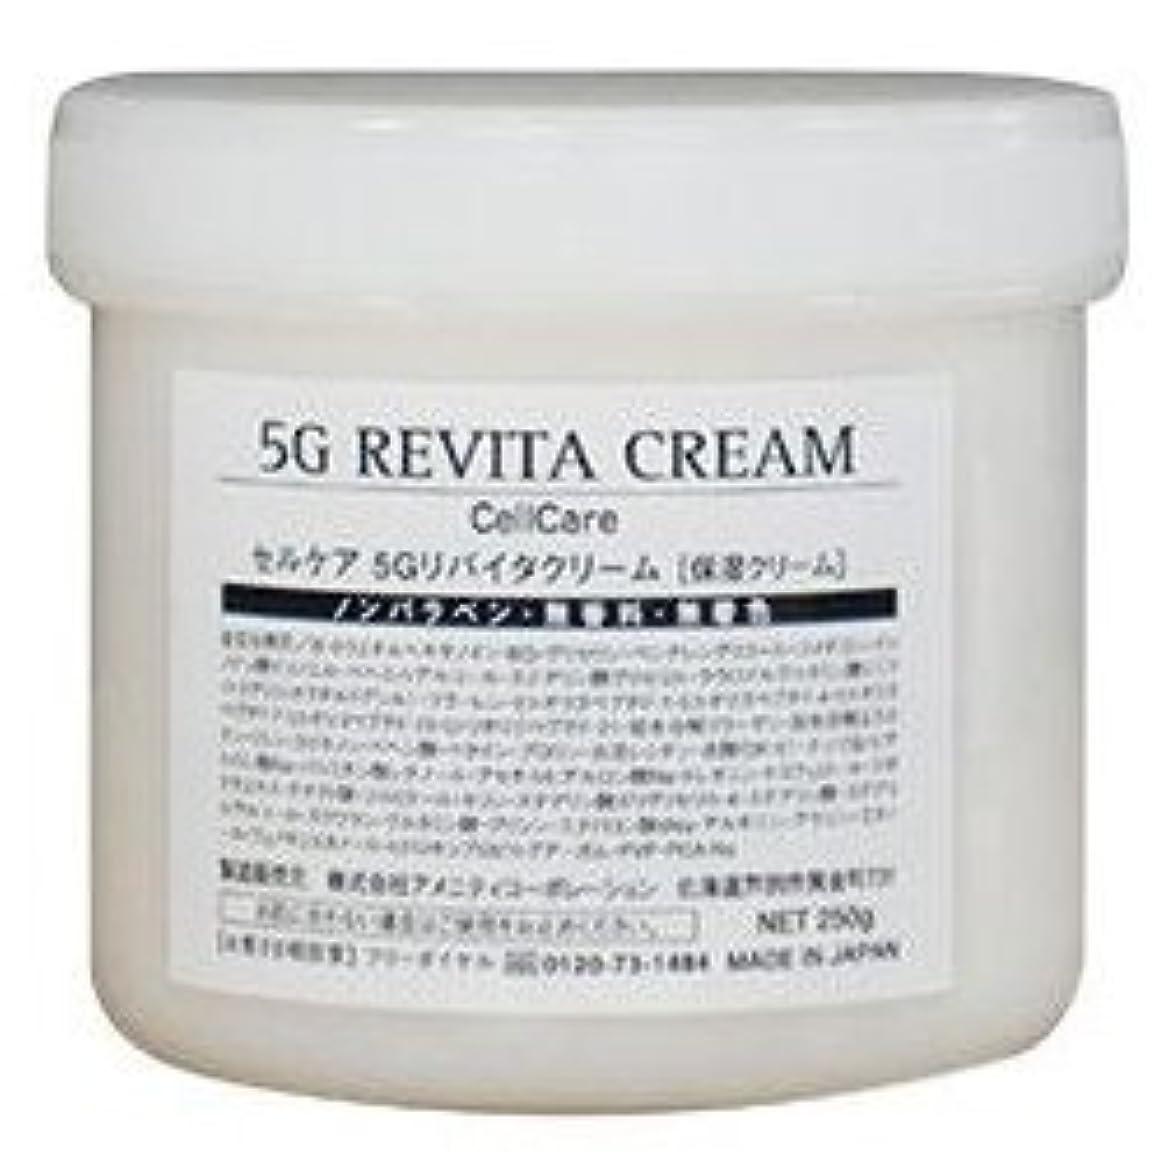 バンド分注する士気セルケアGF プレミアム 5Gリバイタルクリーム 保湿クリーム お徳用250g